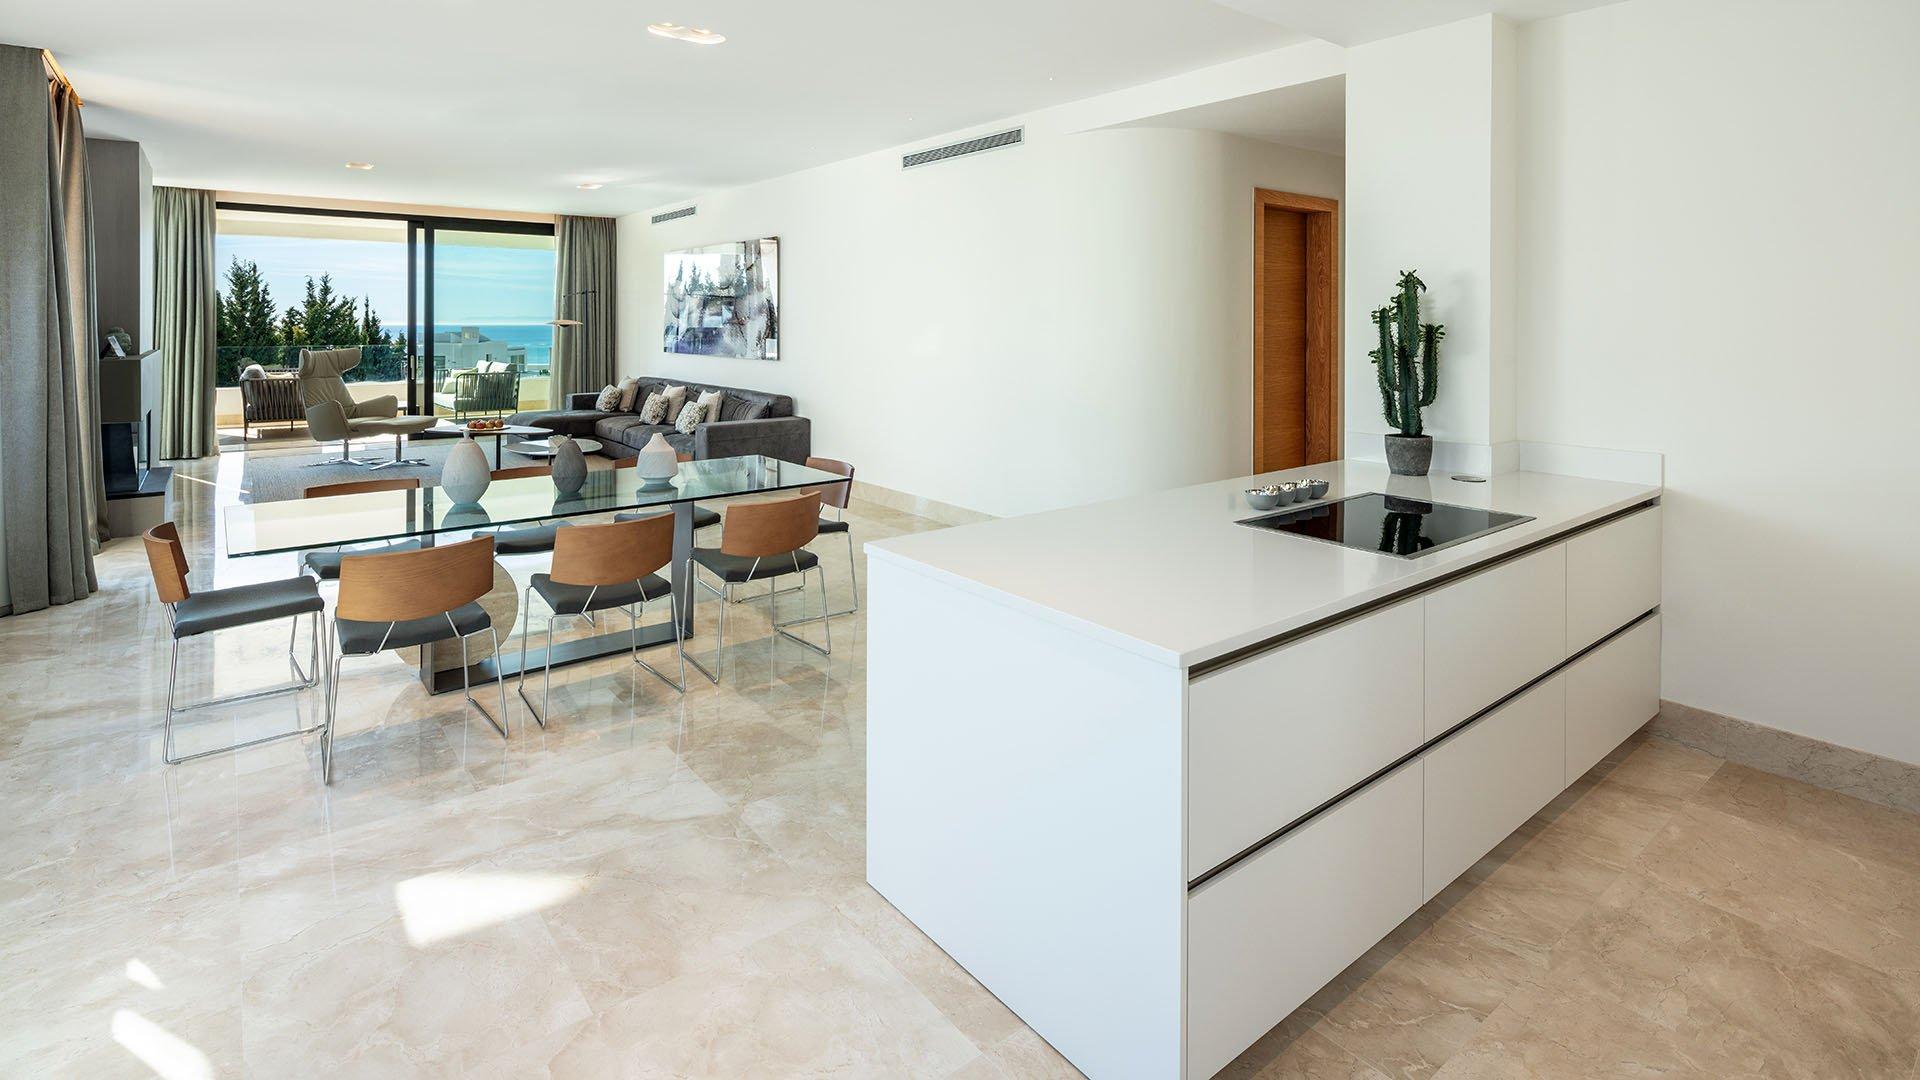 Reserva 8: Sensational penthouse in Sierra Blanca, Marbella